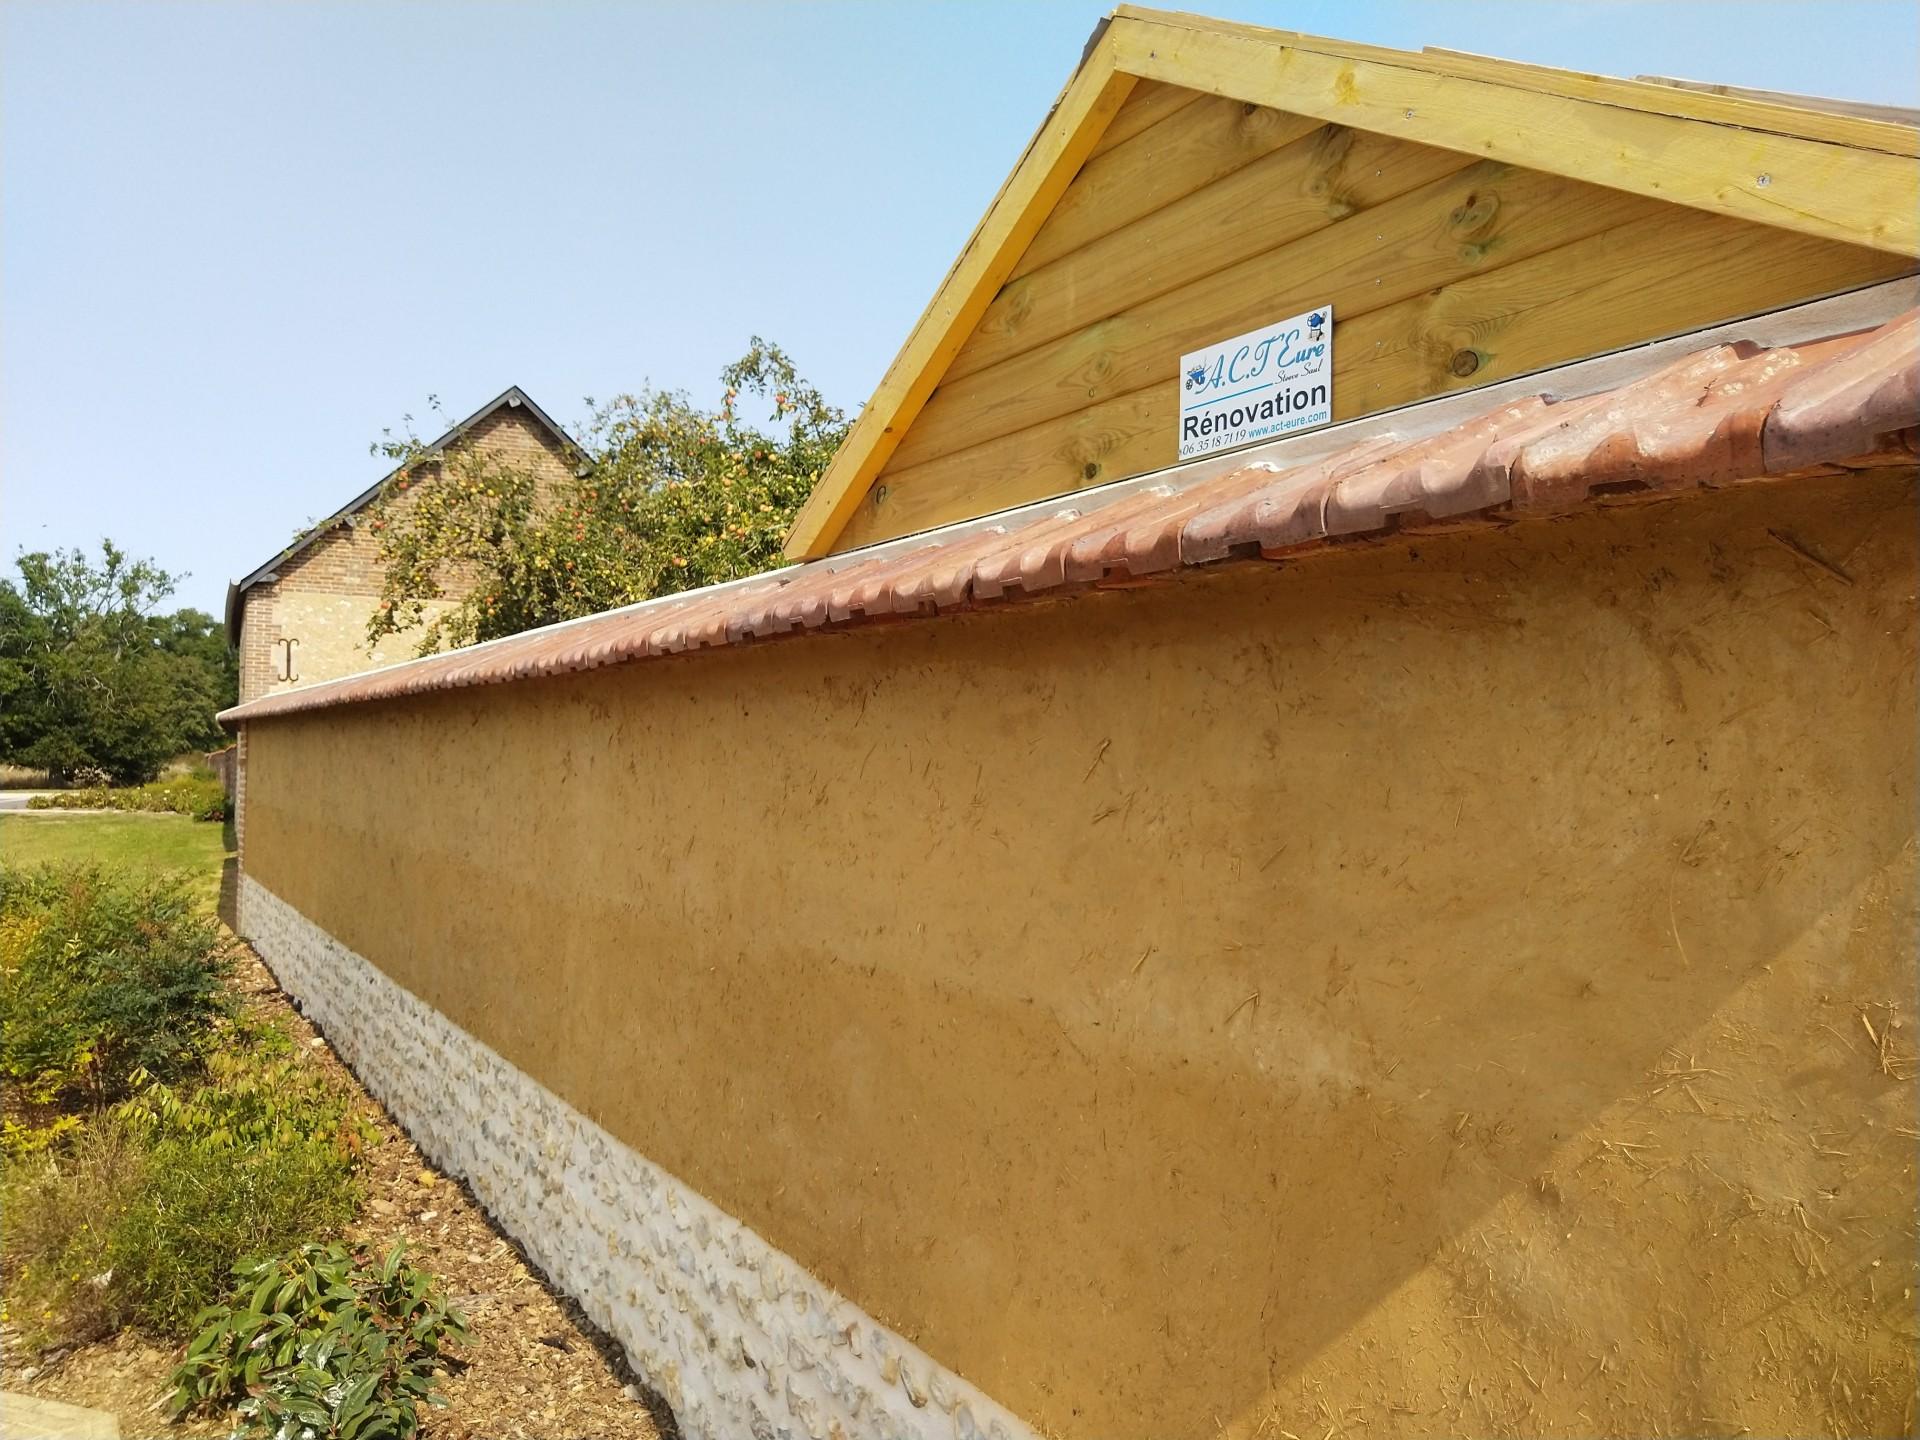 Mur en bauge face extérieure